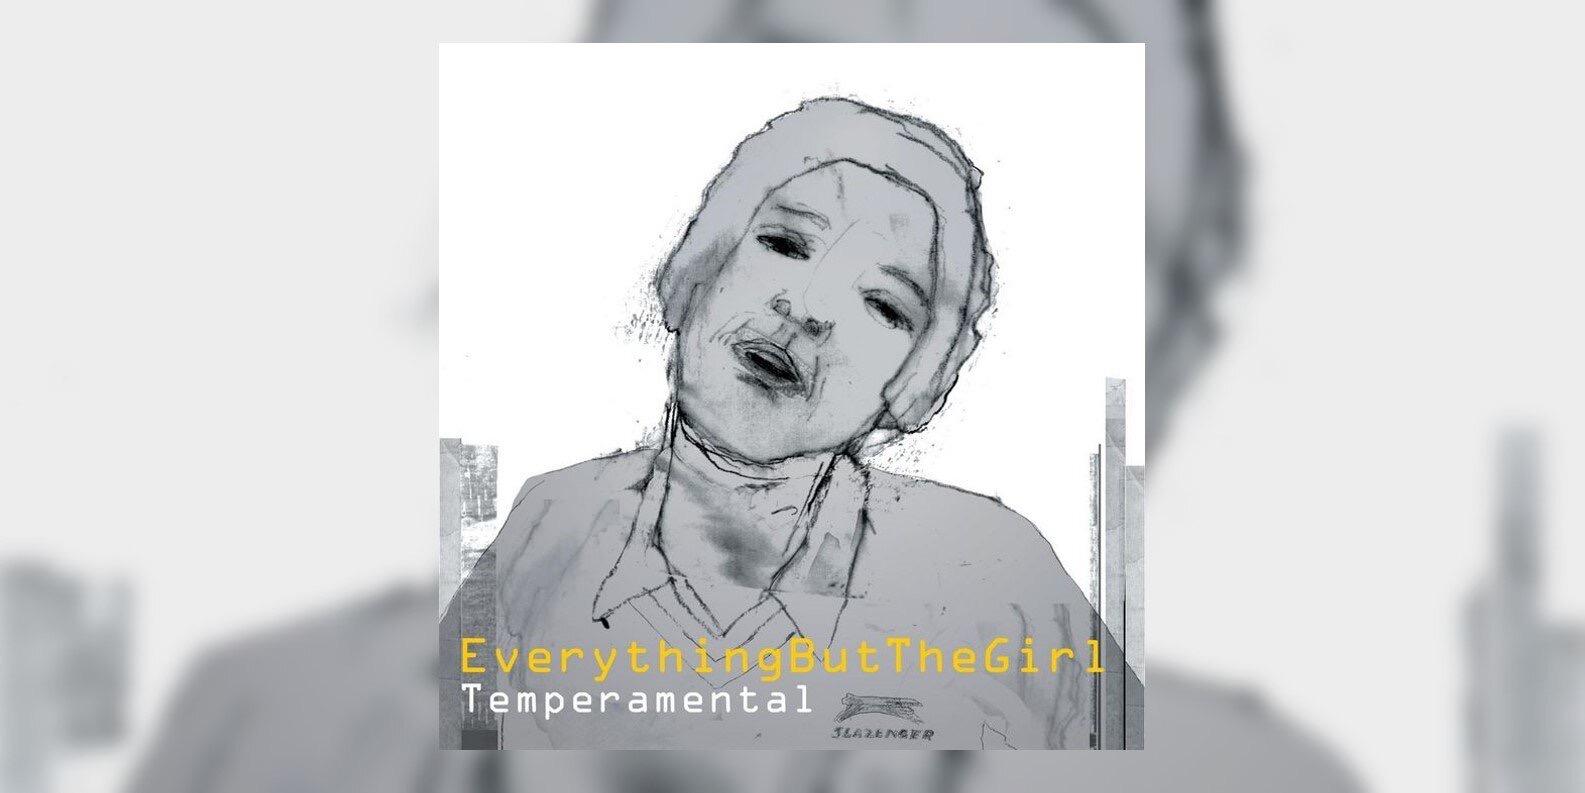 Albumism EverythingButTheGirl Temperamental MainImage